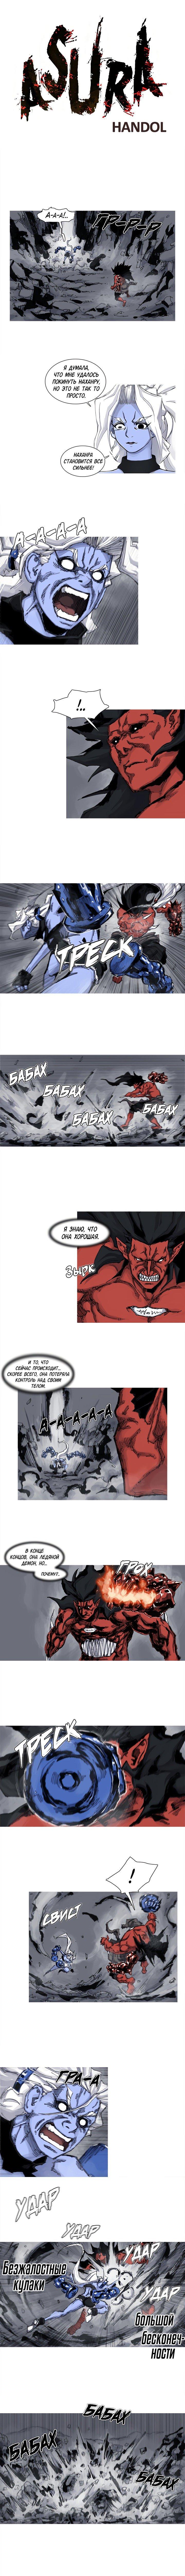 Манга Асура - Глава 52 Страница 1